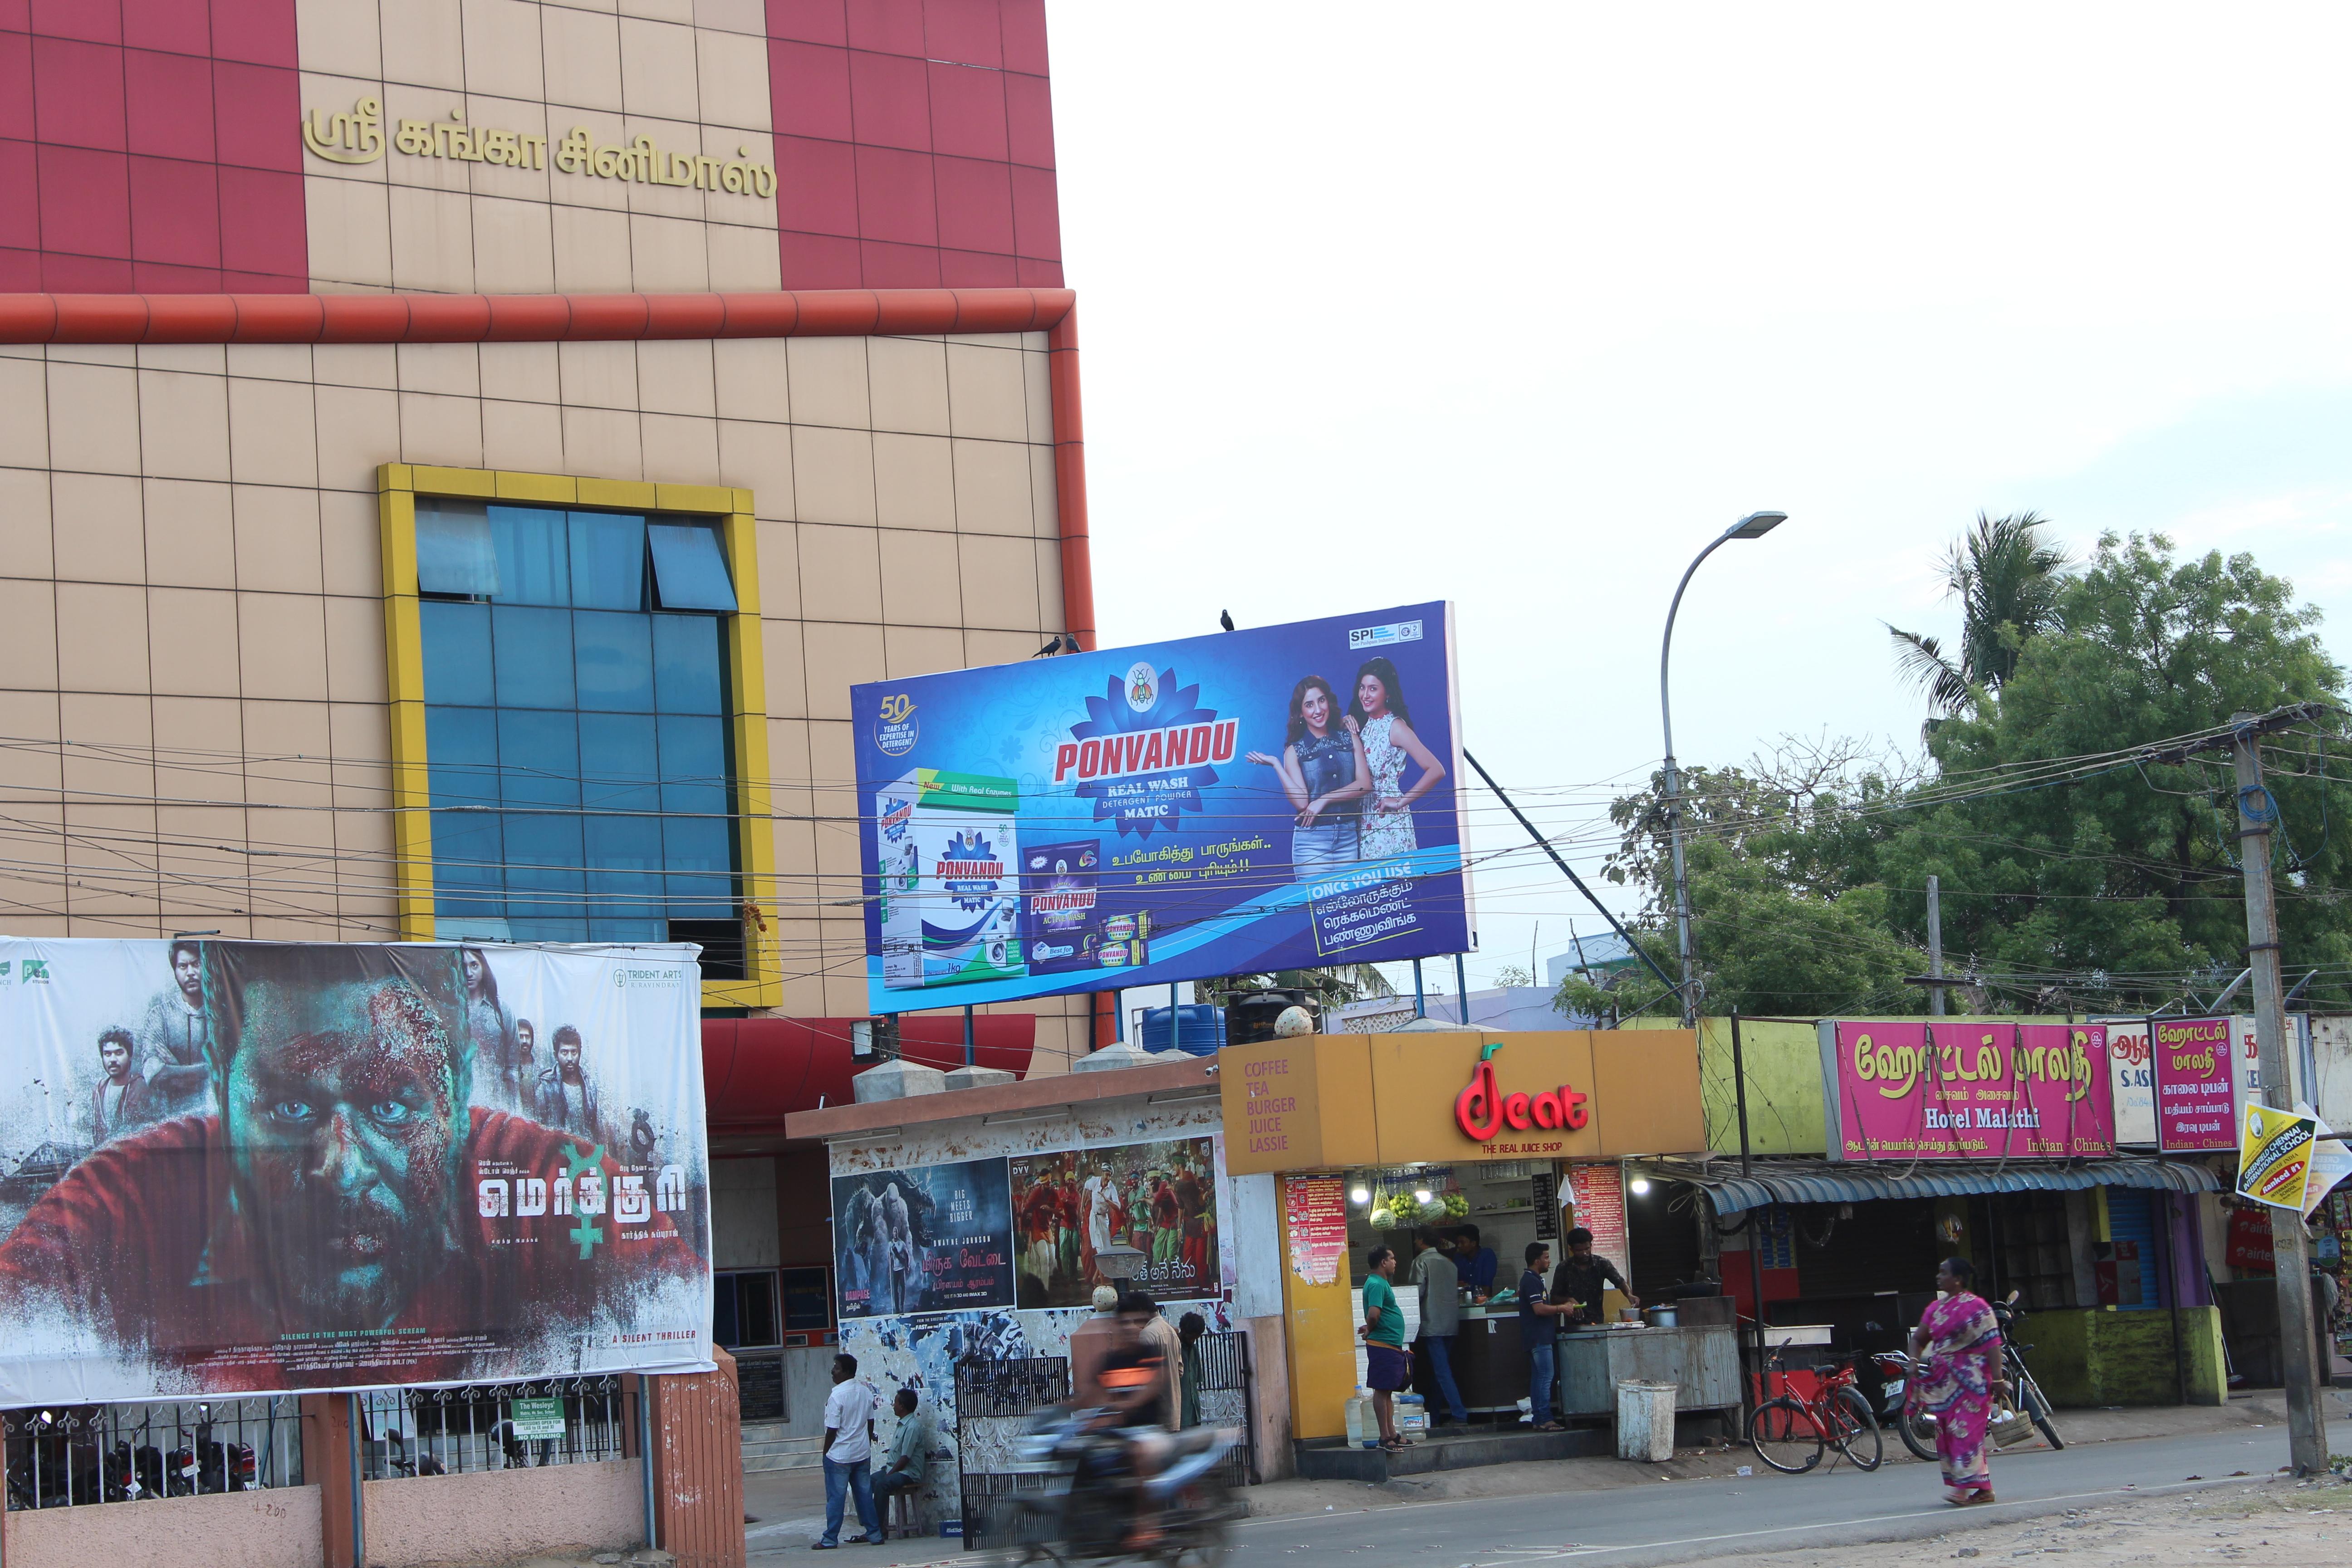 Ganga Cinemas